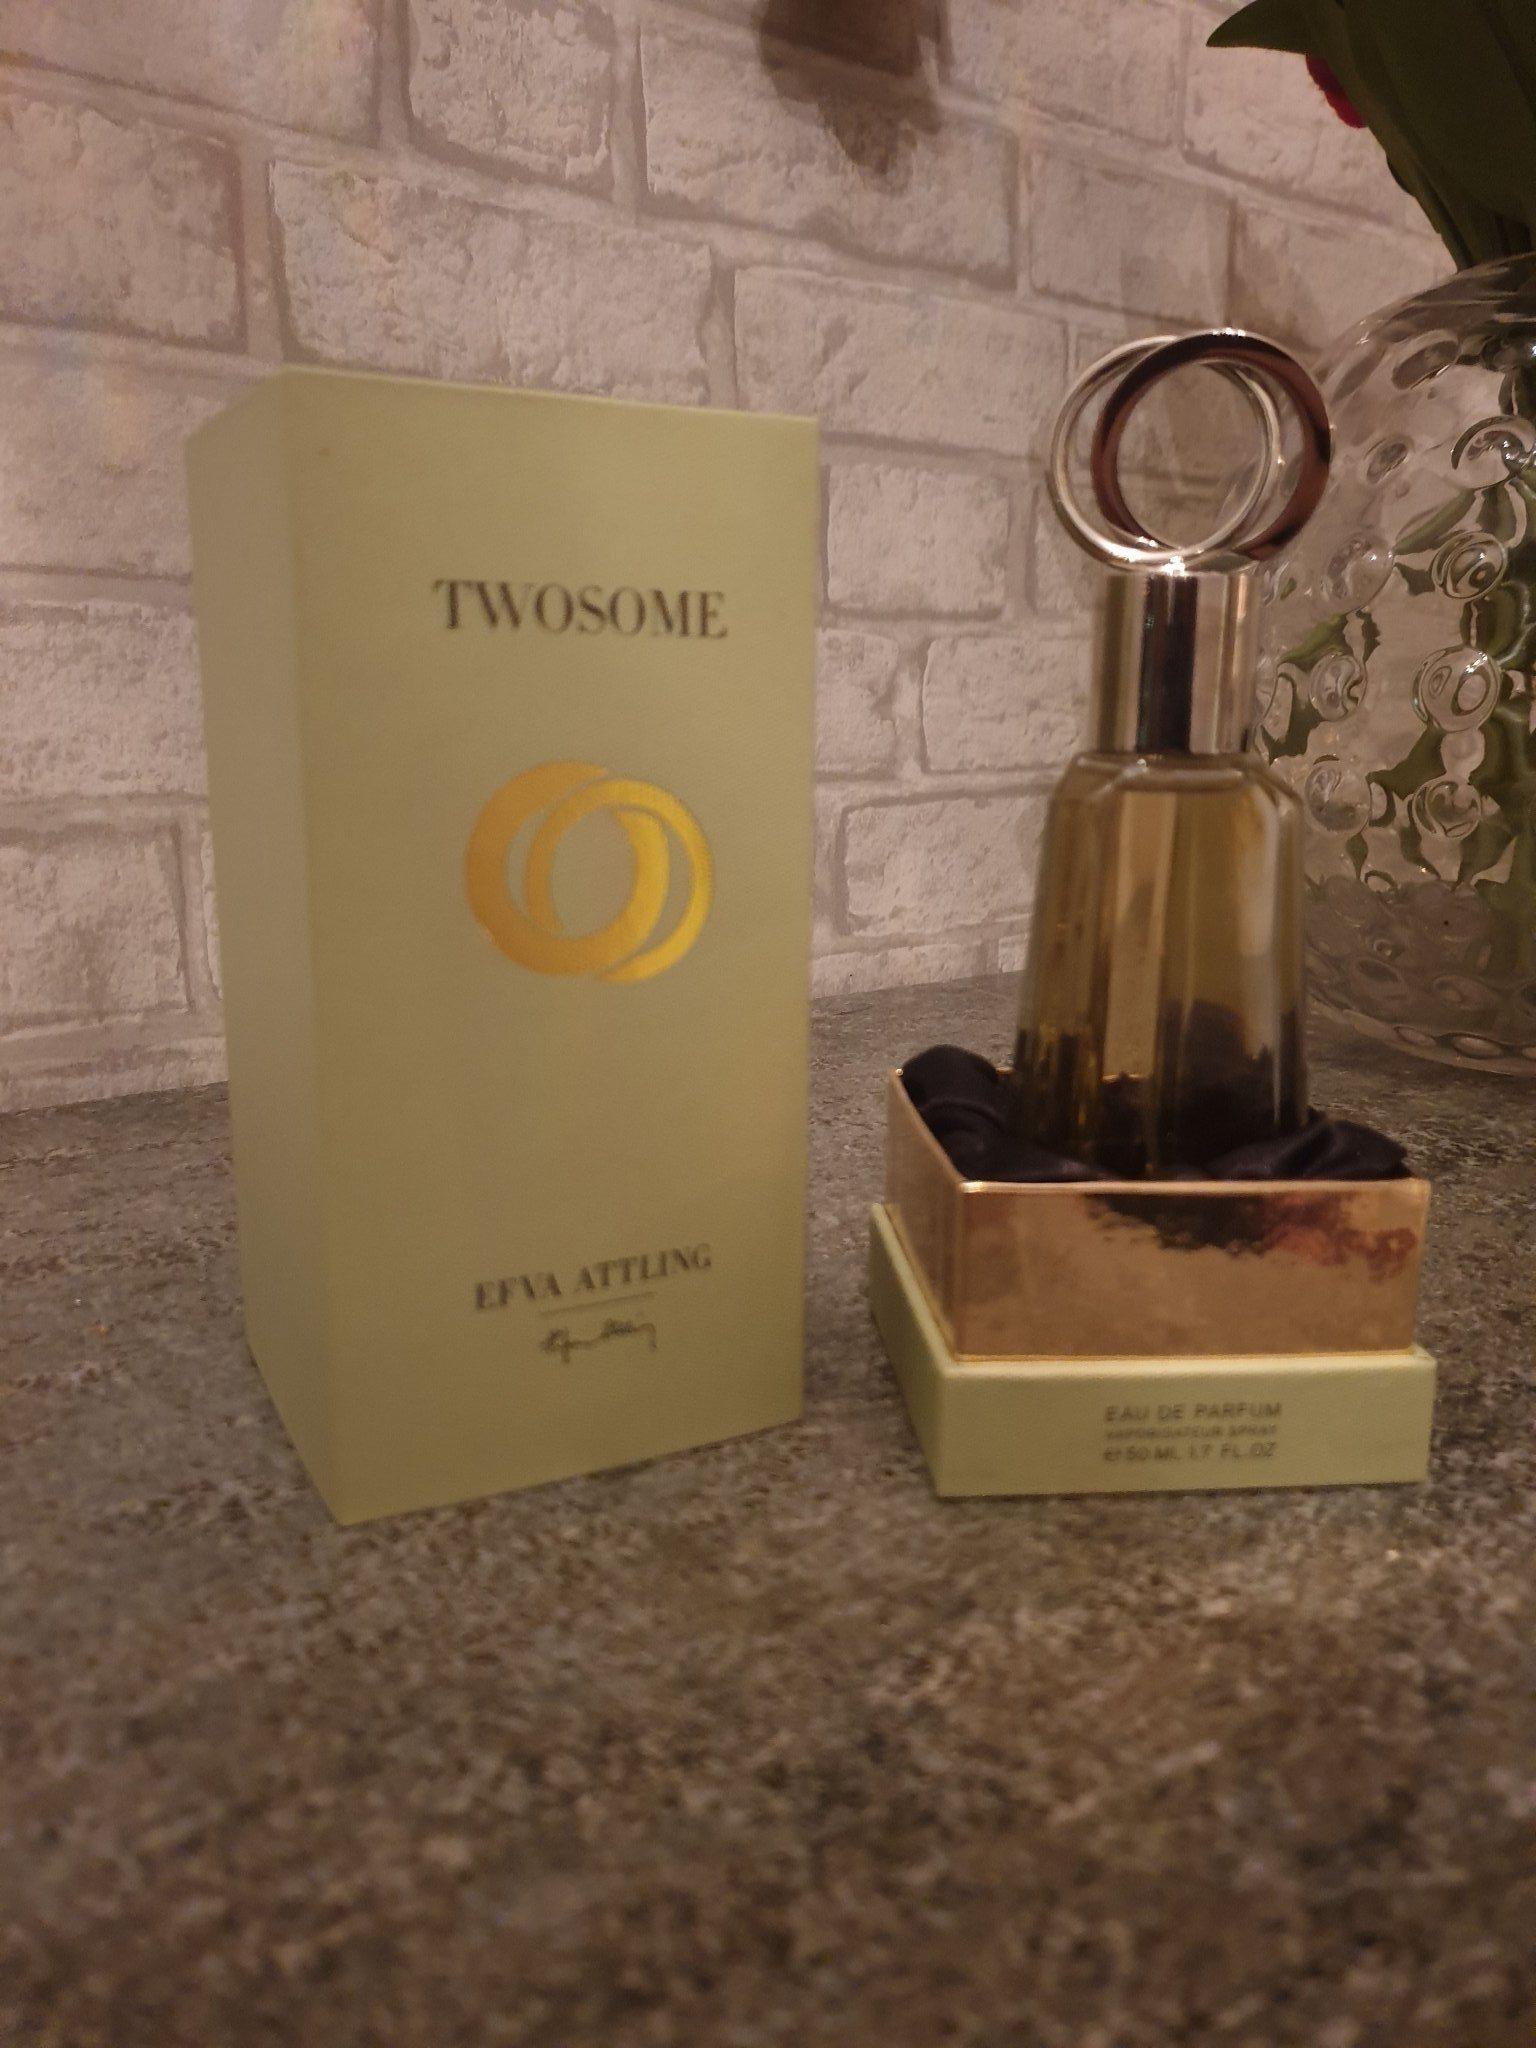 efva attling parfym